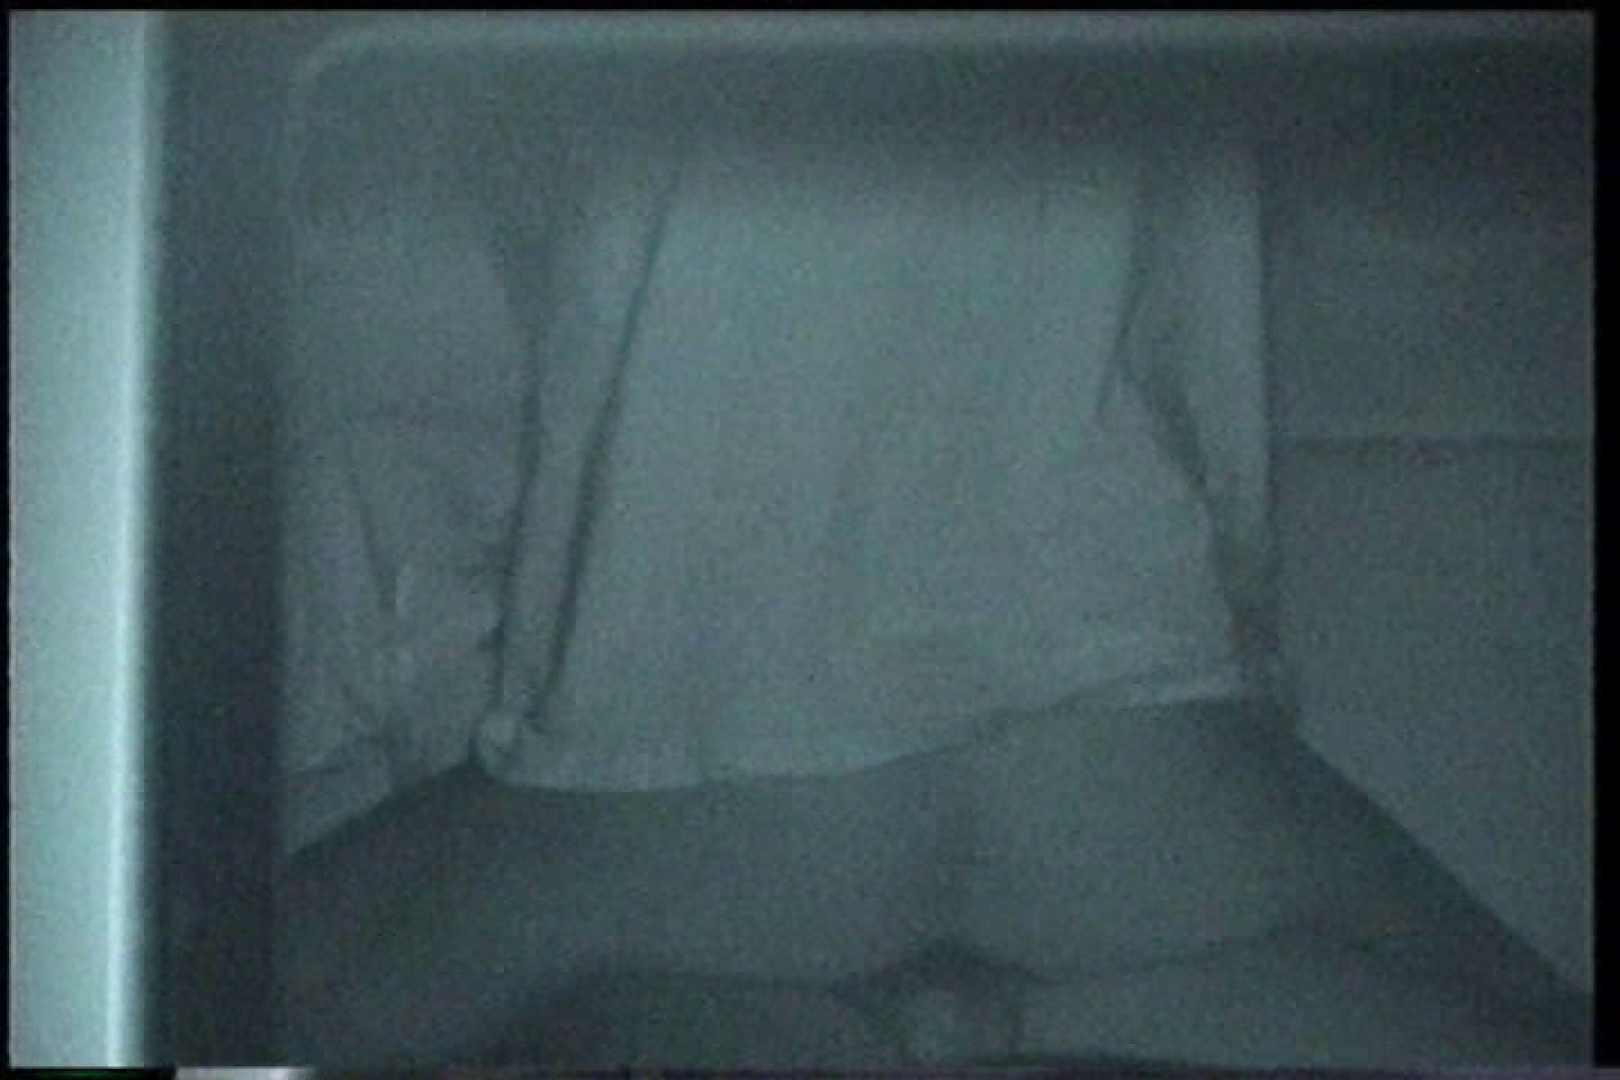 充血監督の深夜の運動会Vol.197 おまんこ無修正 オメコ無修正動画無料 107画像 68